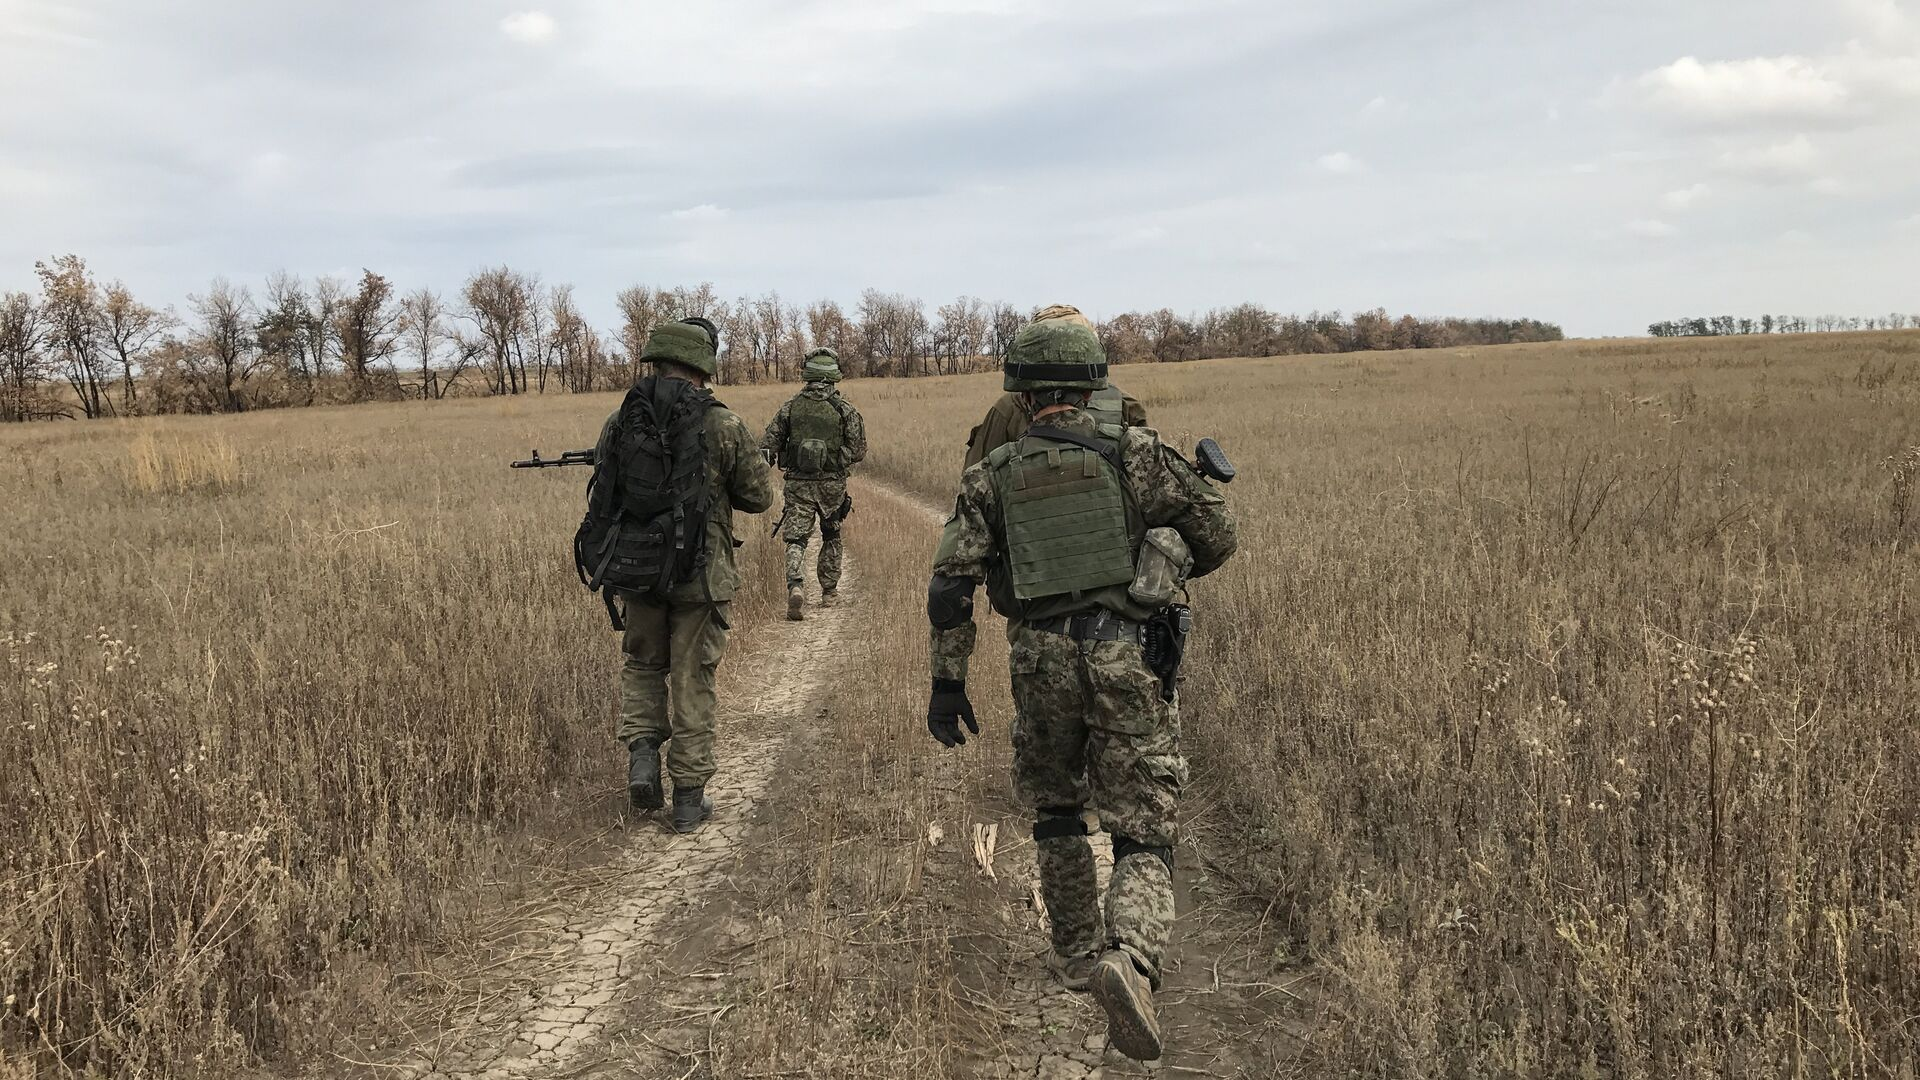 Бойцы разведывательно-штурмового батальона, Донбасс - РИА Новости, 1920, 14.04.2021